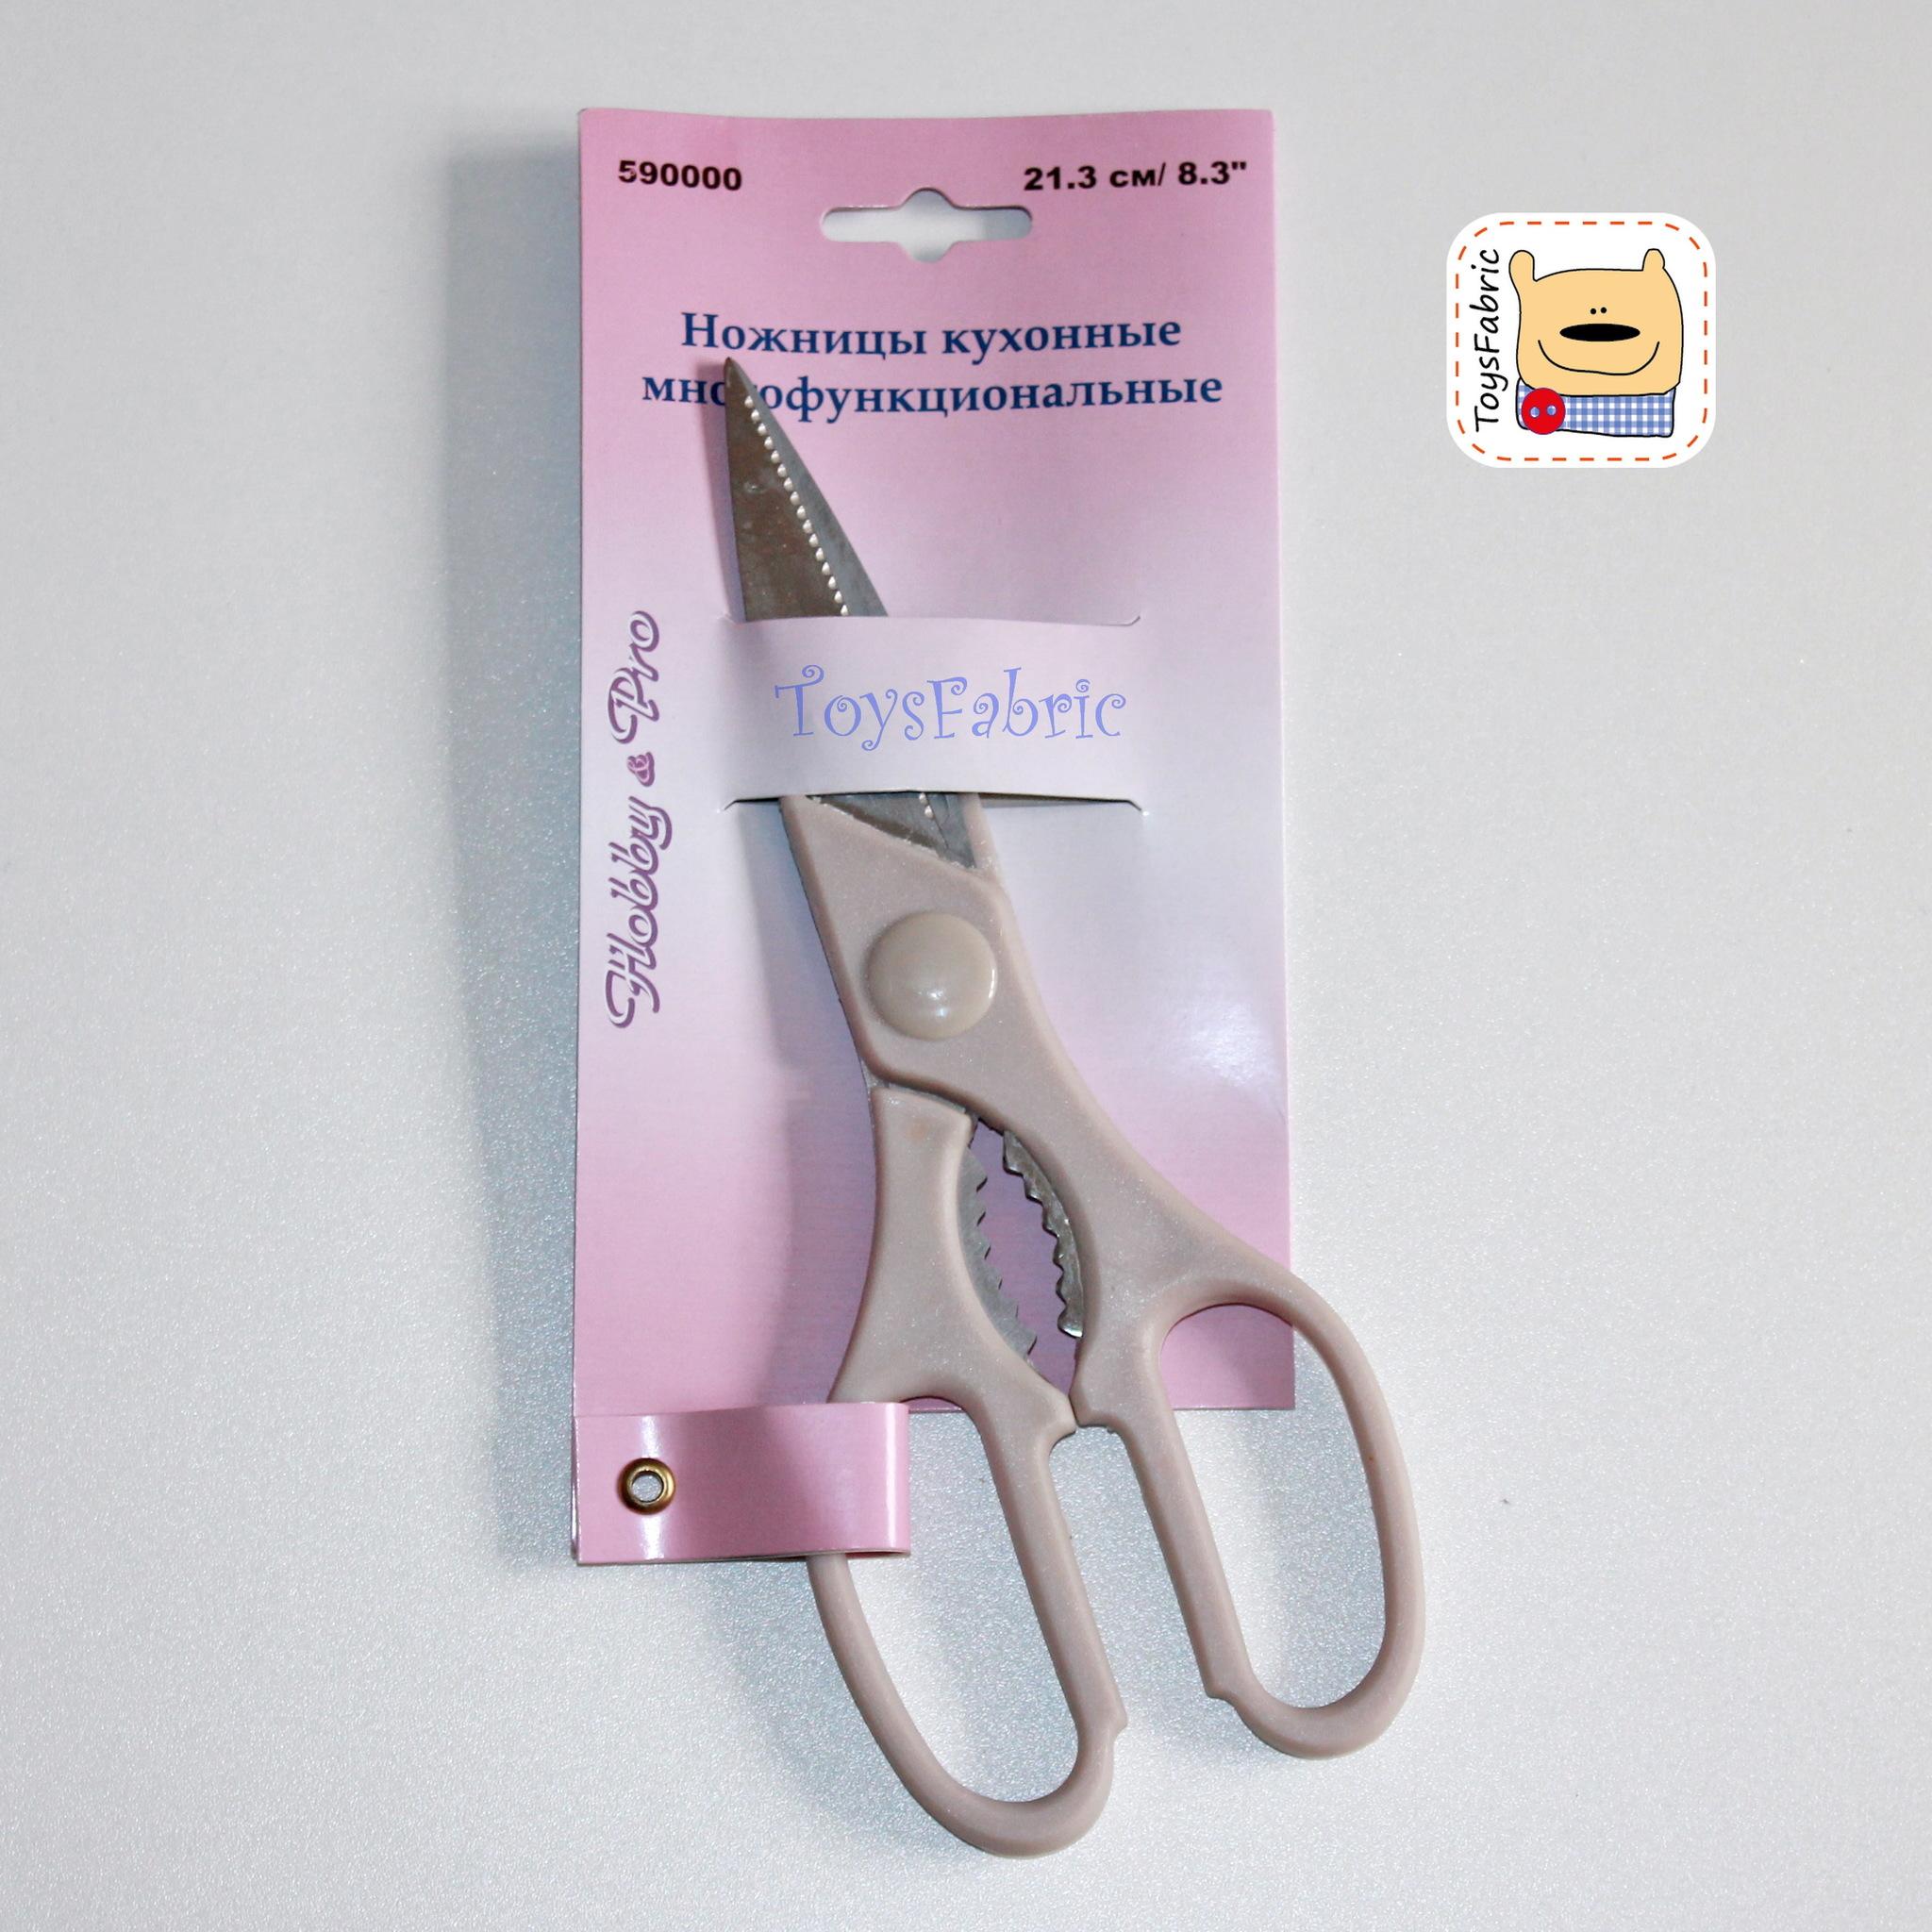 Ножницы кухонные многофункциональные 21,3см (Т26)